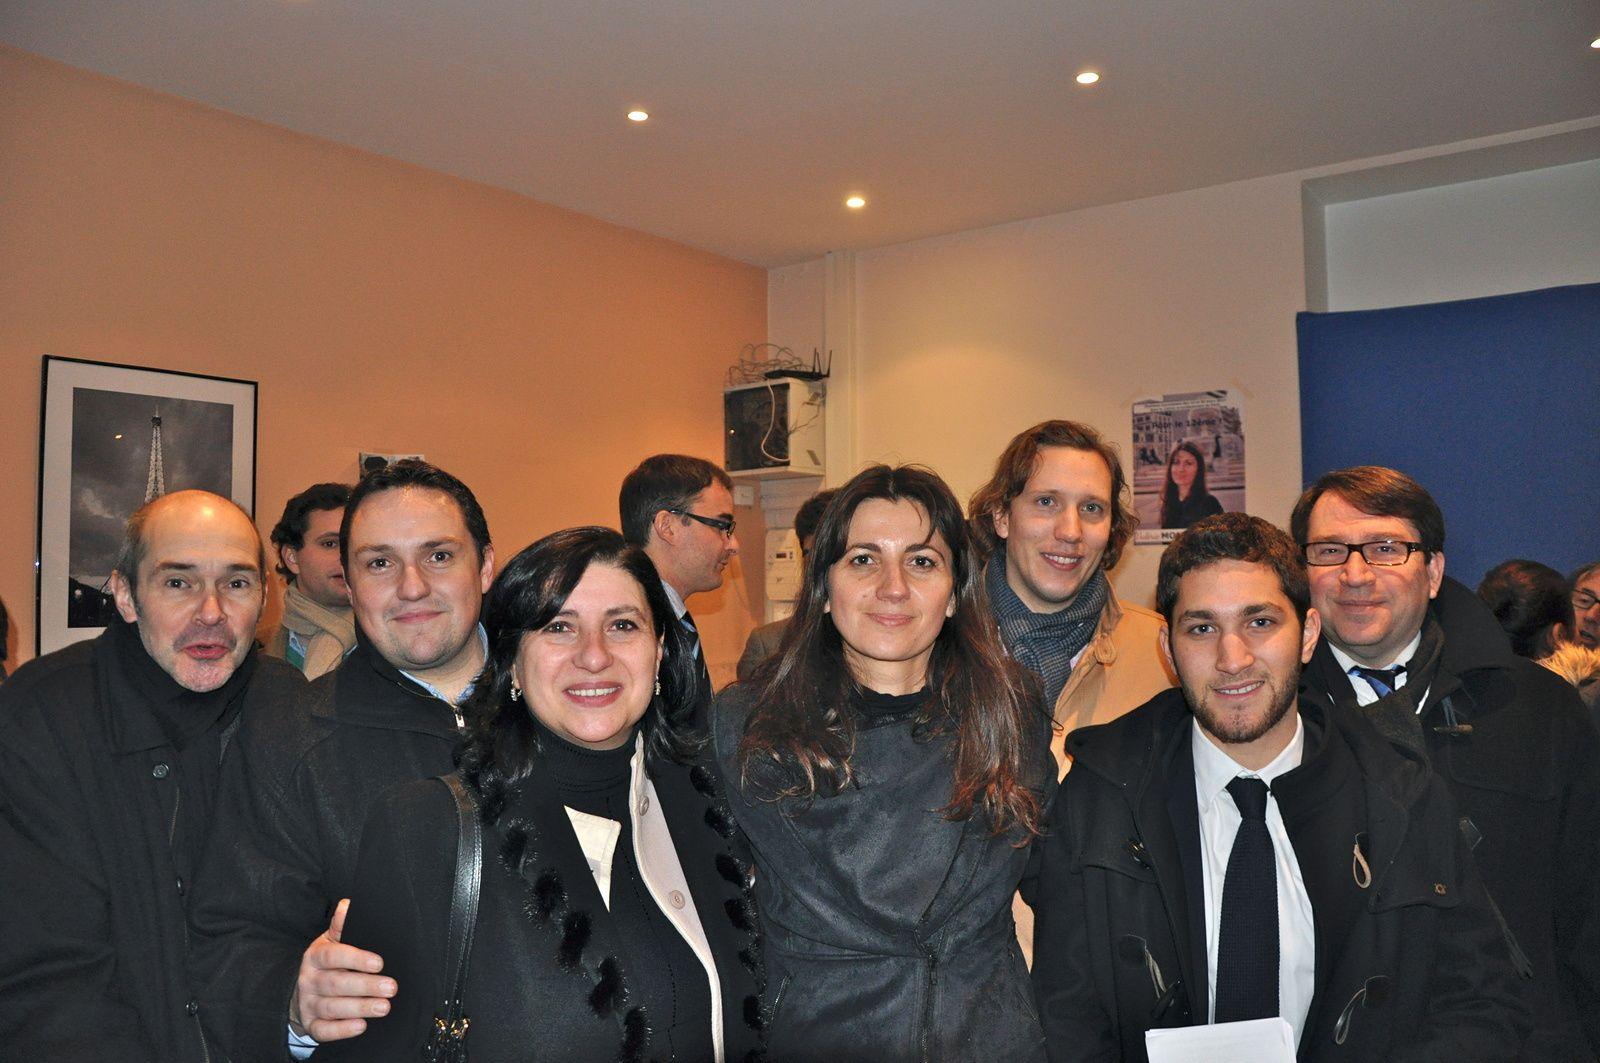 Avec Corinne Tapiero - Conseillère d'arrondissement, Jordan Jablonka - Référent Communication, et les Volontaires du 12ème à l'inauguration de ma permanence